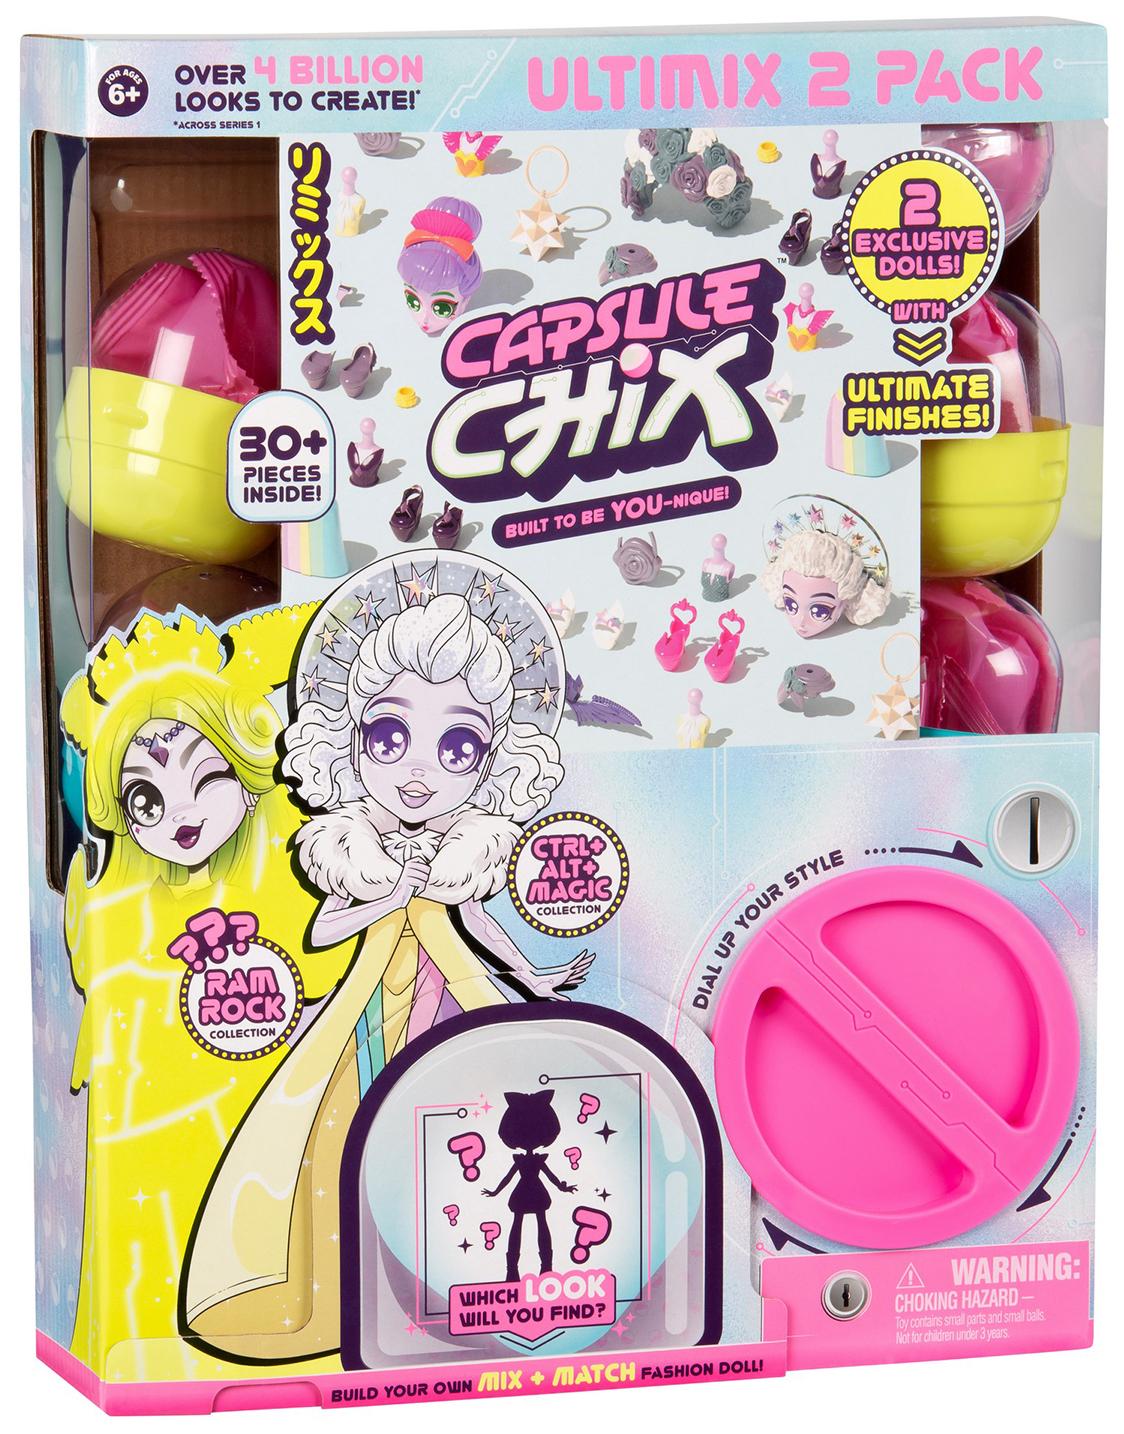 Игровой набор Moose Capsule Chix, 2 куклы Moose